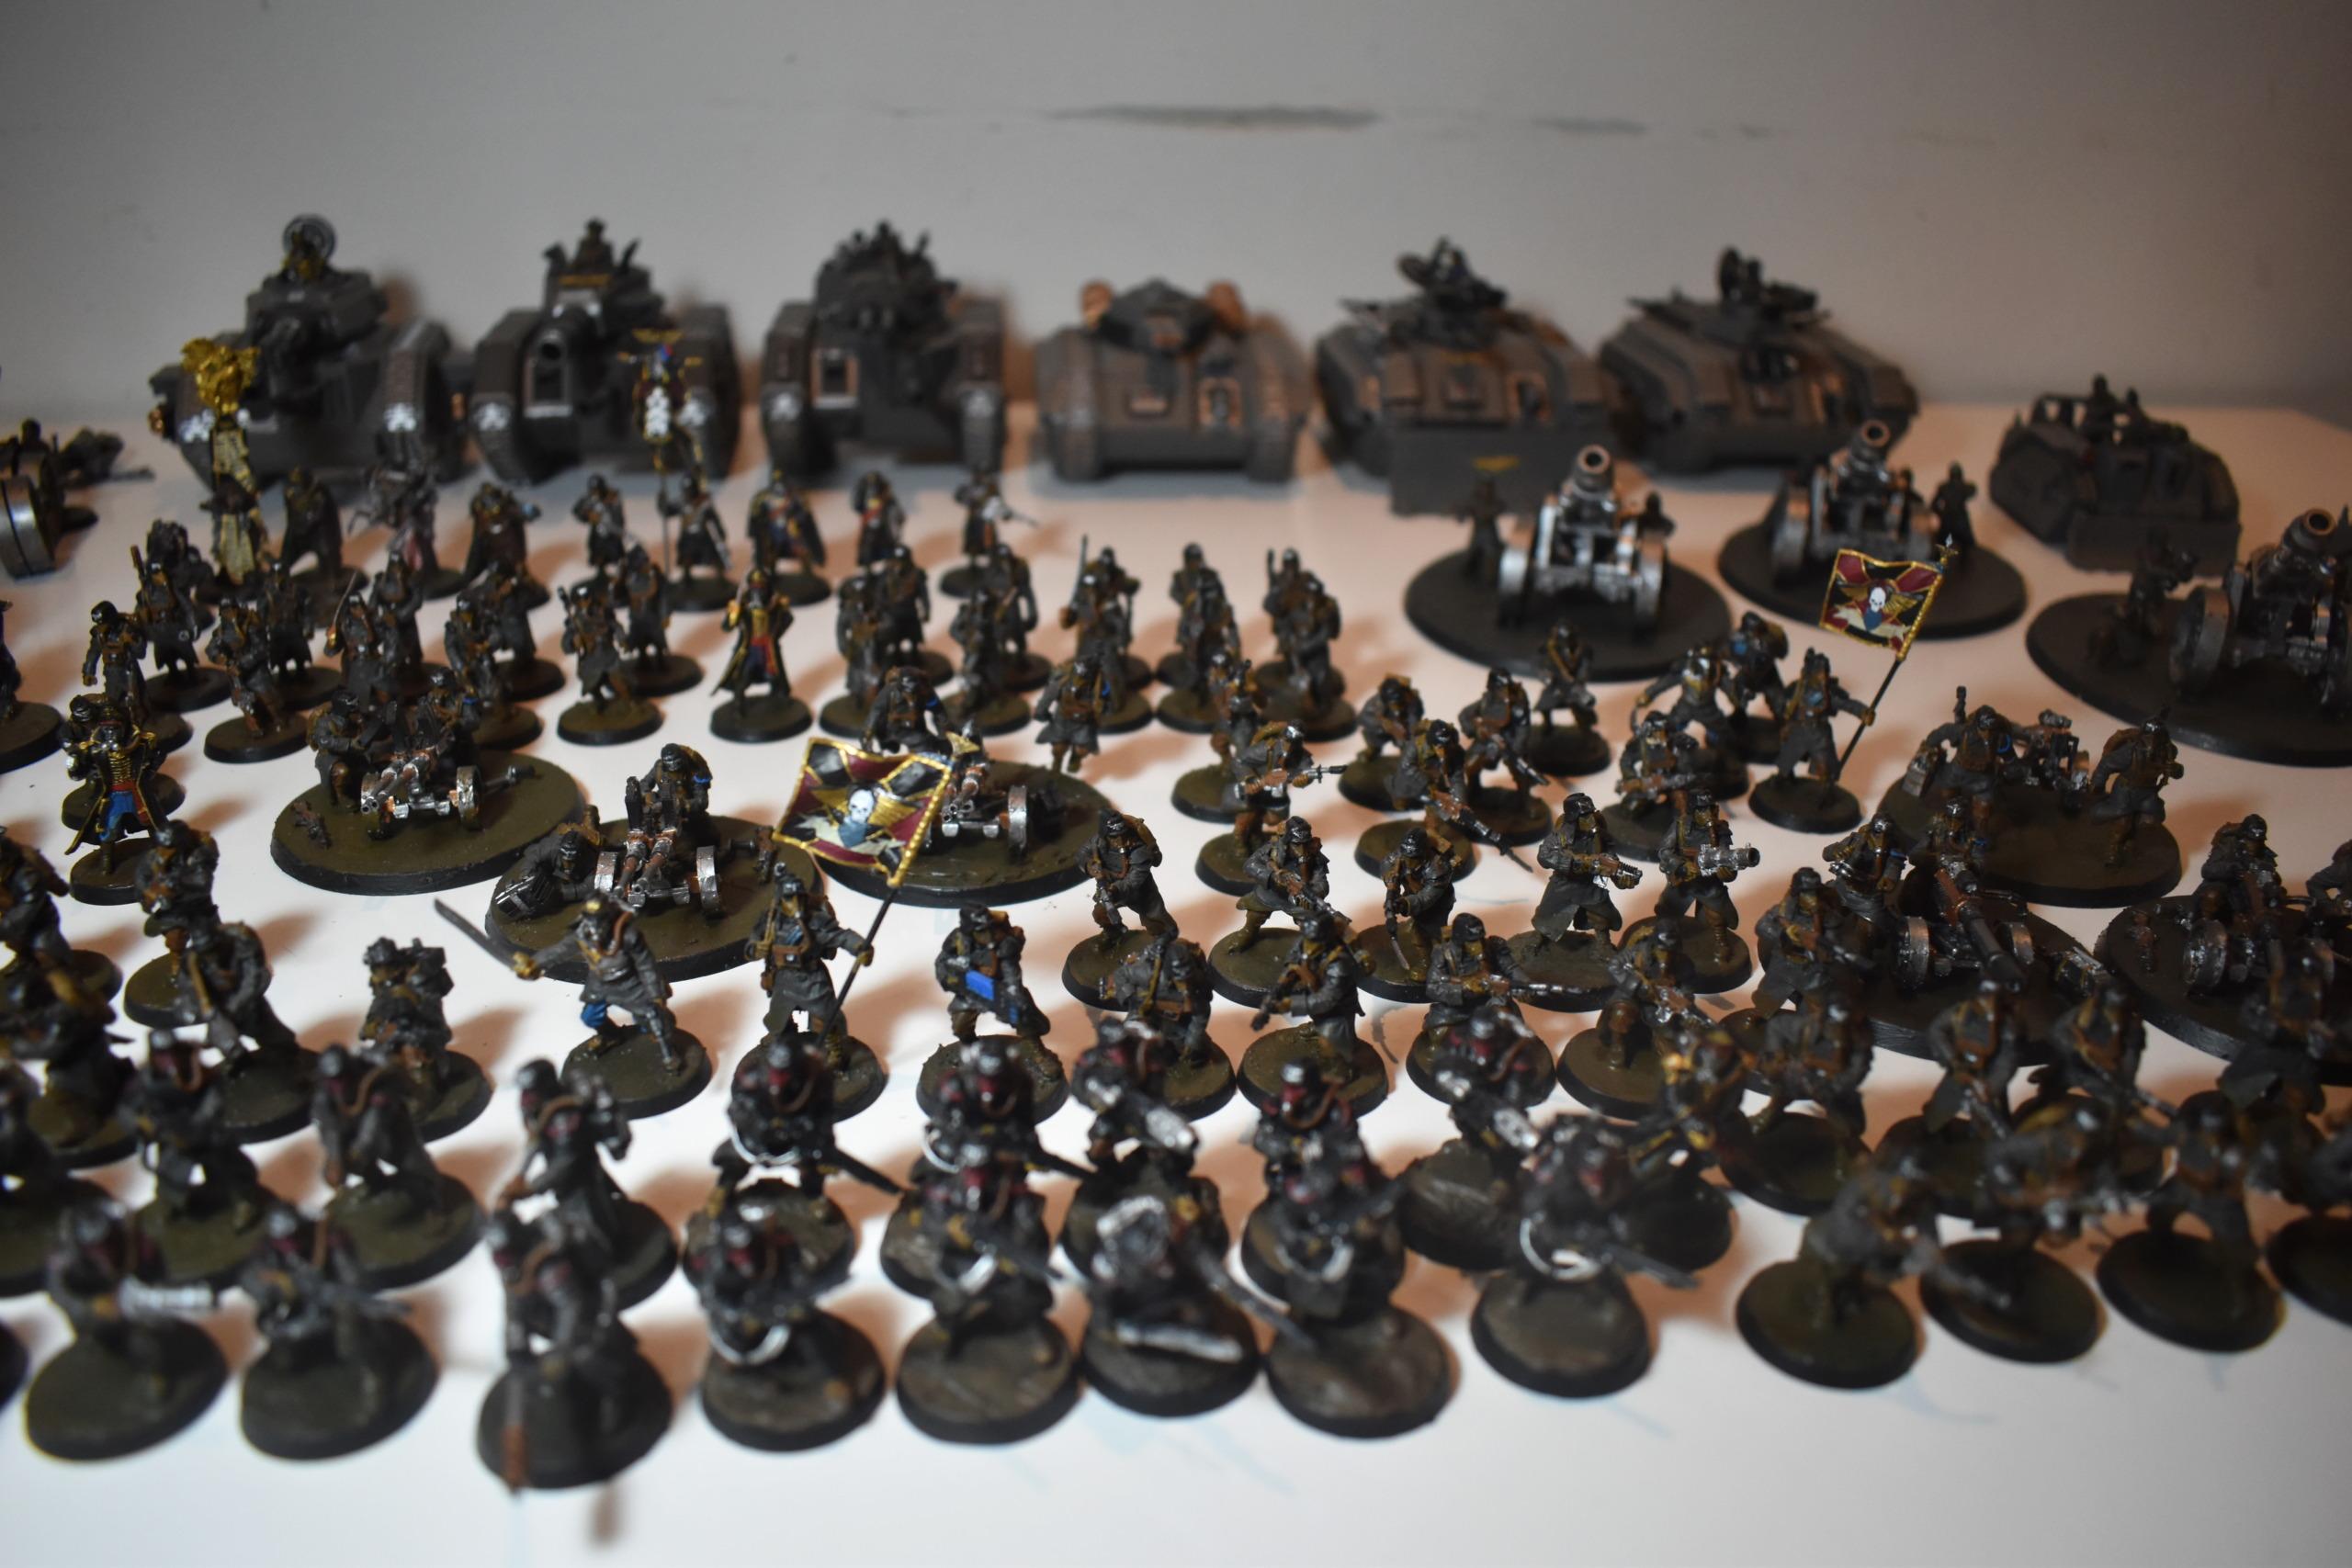 Les Armées de Nico. (Battle, 40K & HH) - Page 6 Dsc_0237